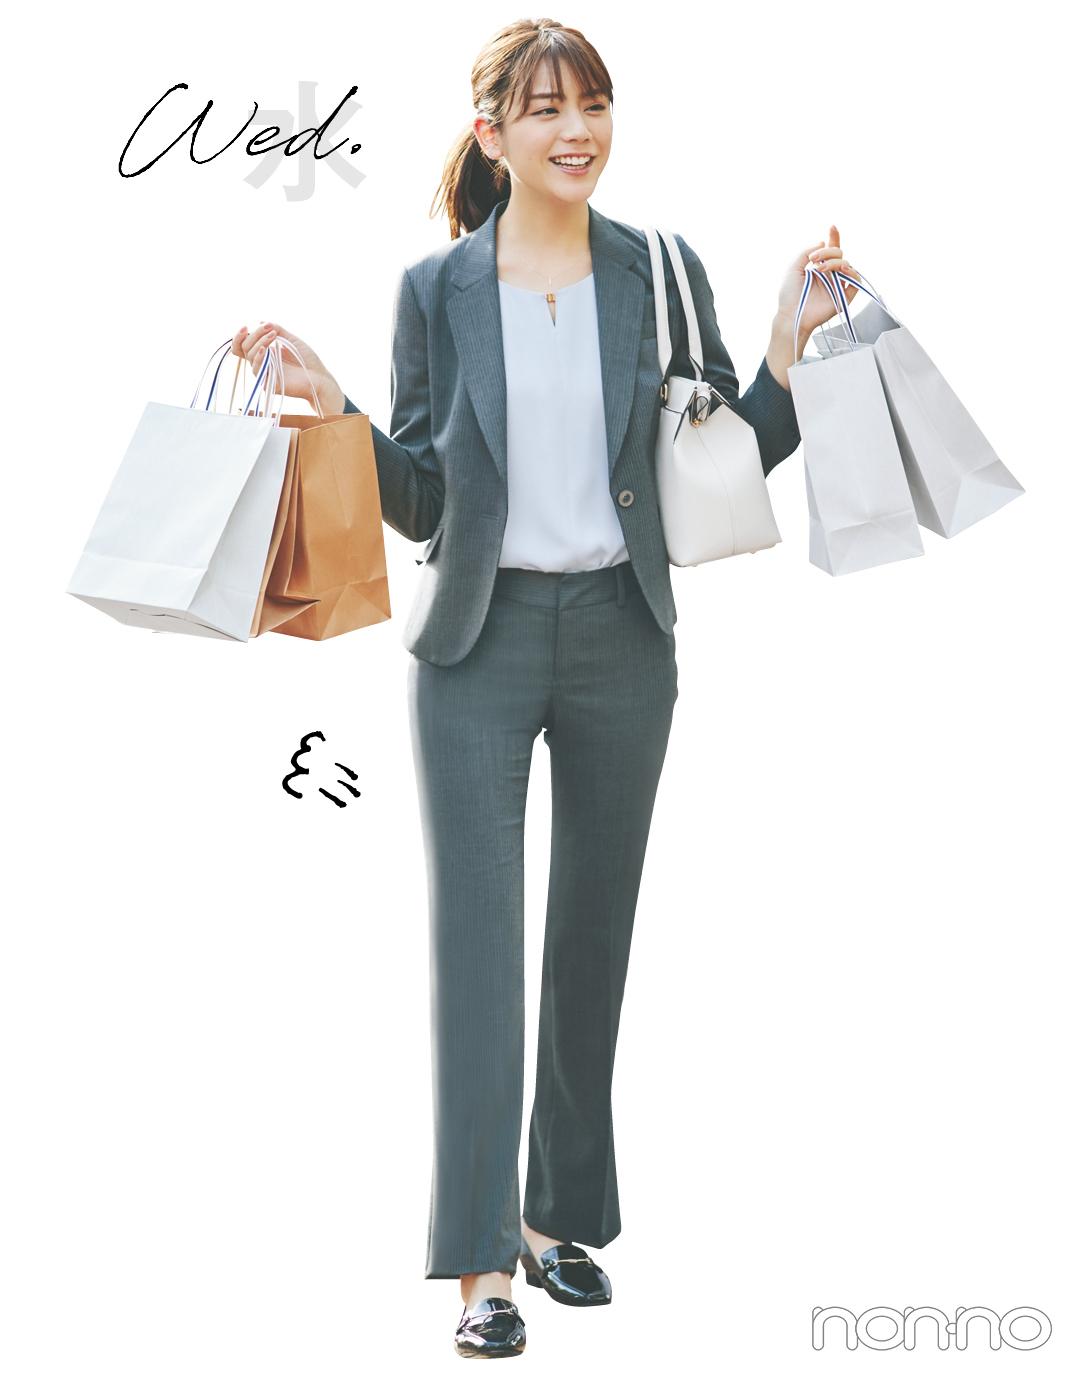 【新社会人のオフィスコーデ】堅め企業勤務の1週間&買うべき名品をチェック!_1_7